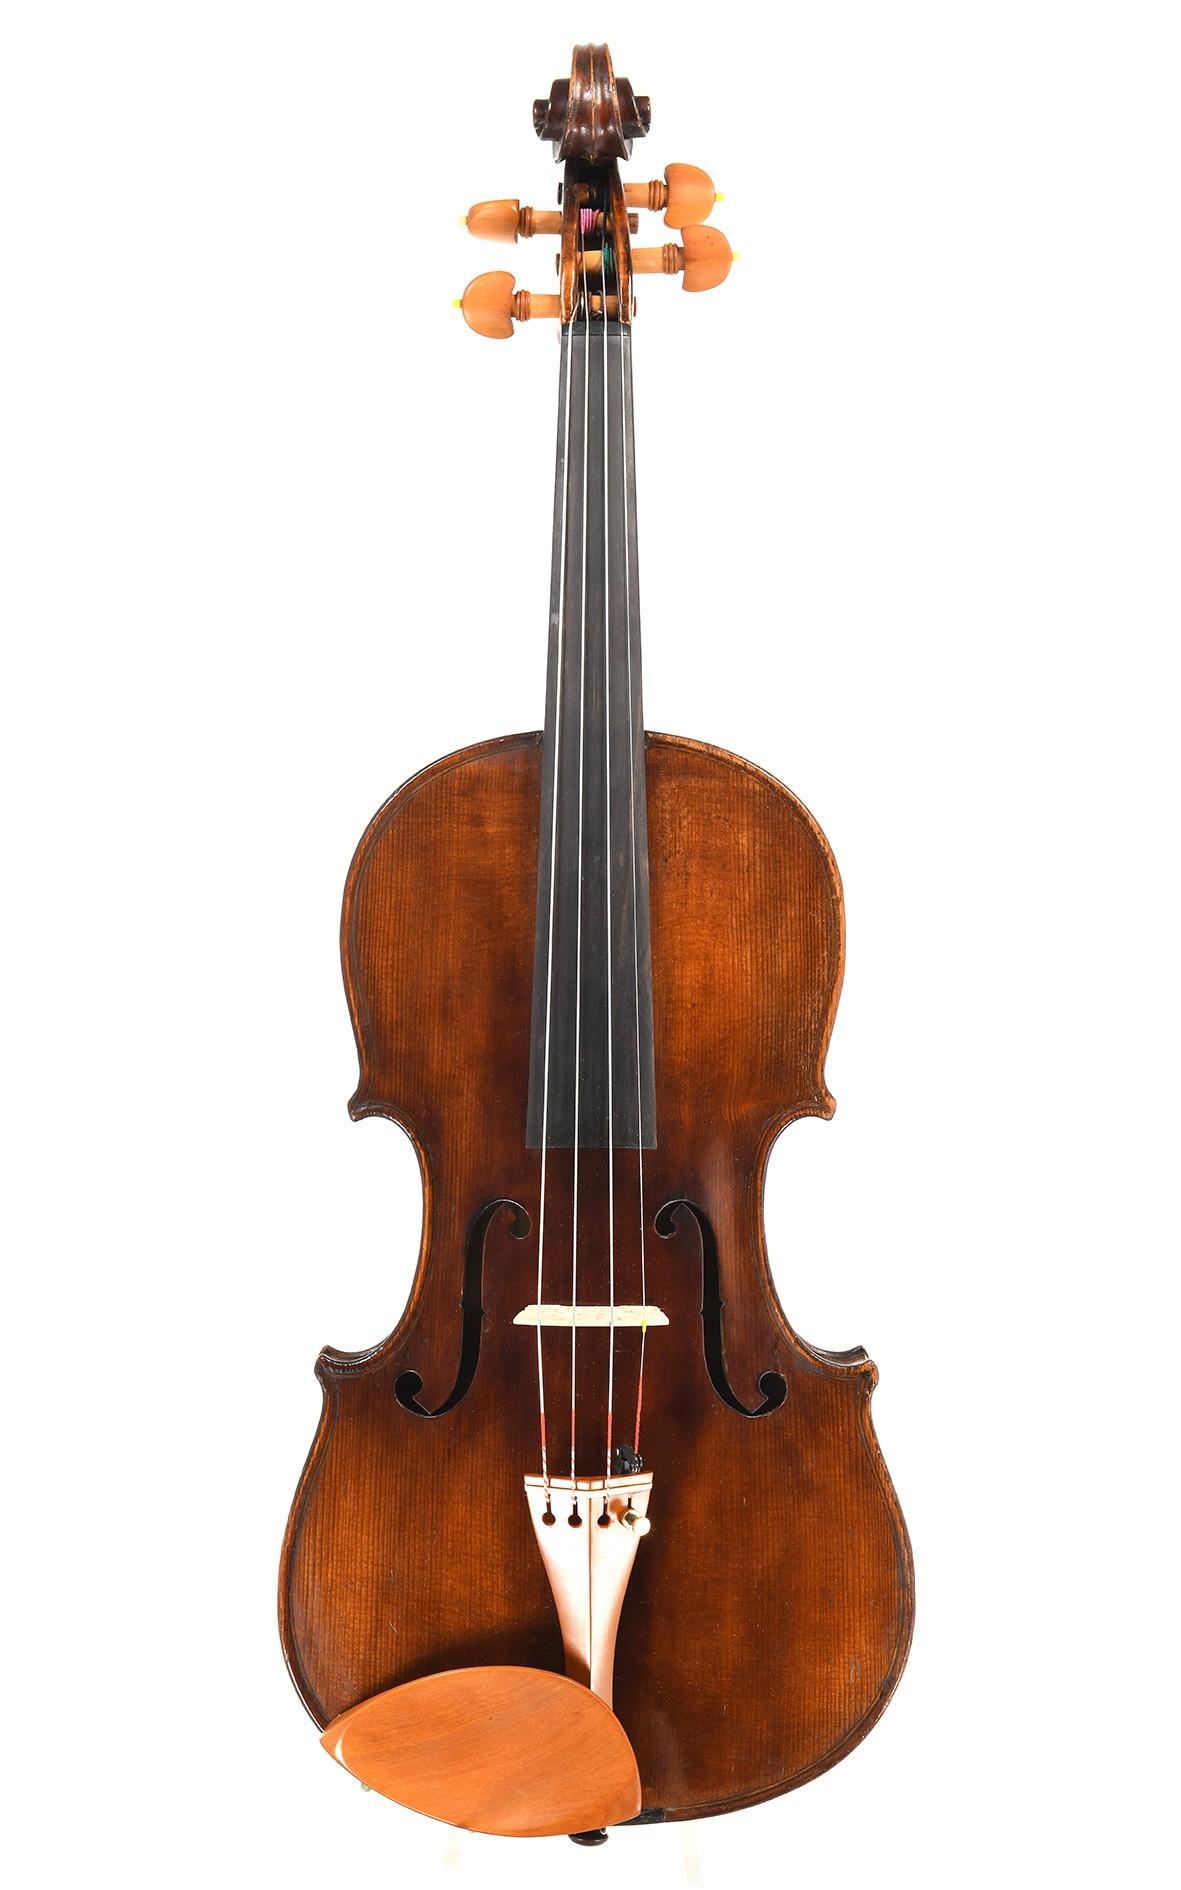 Mittenwald violin for Schandl, Stuttgart